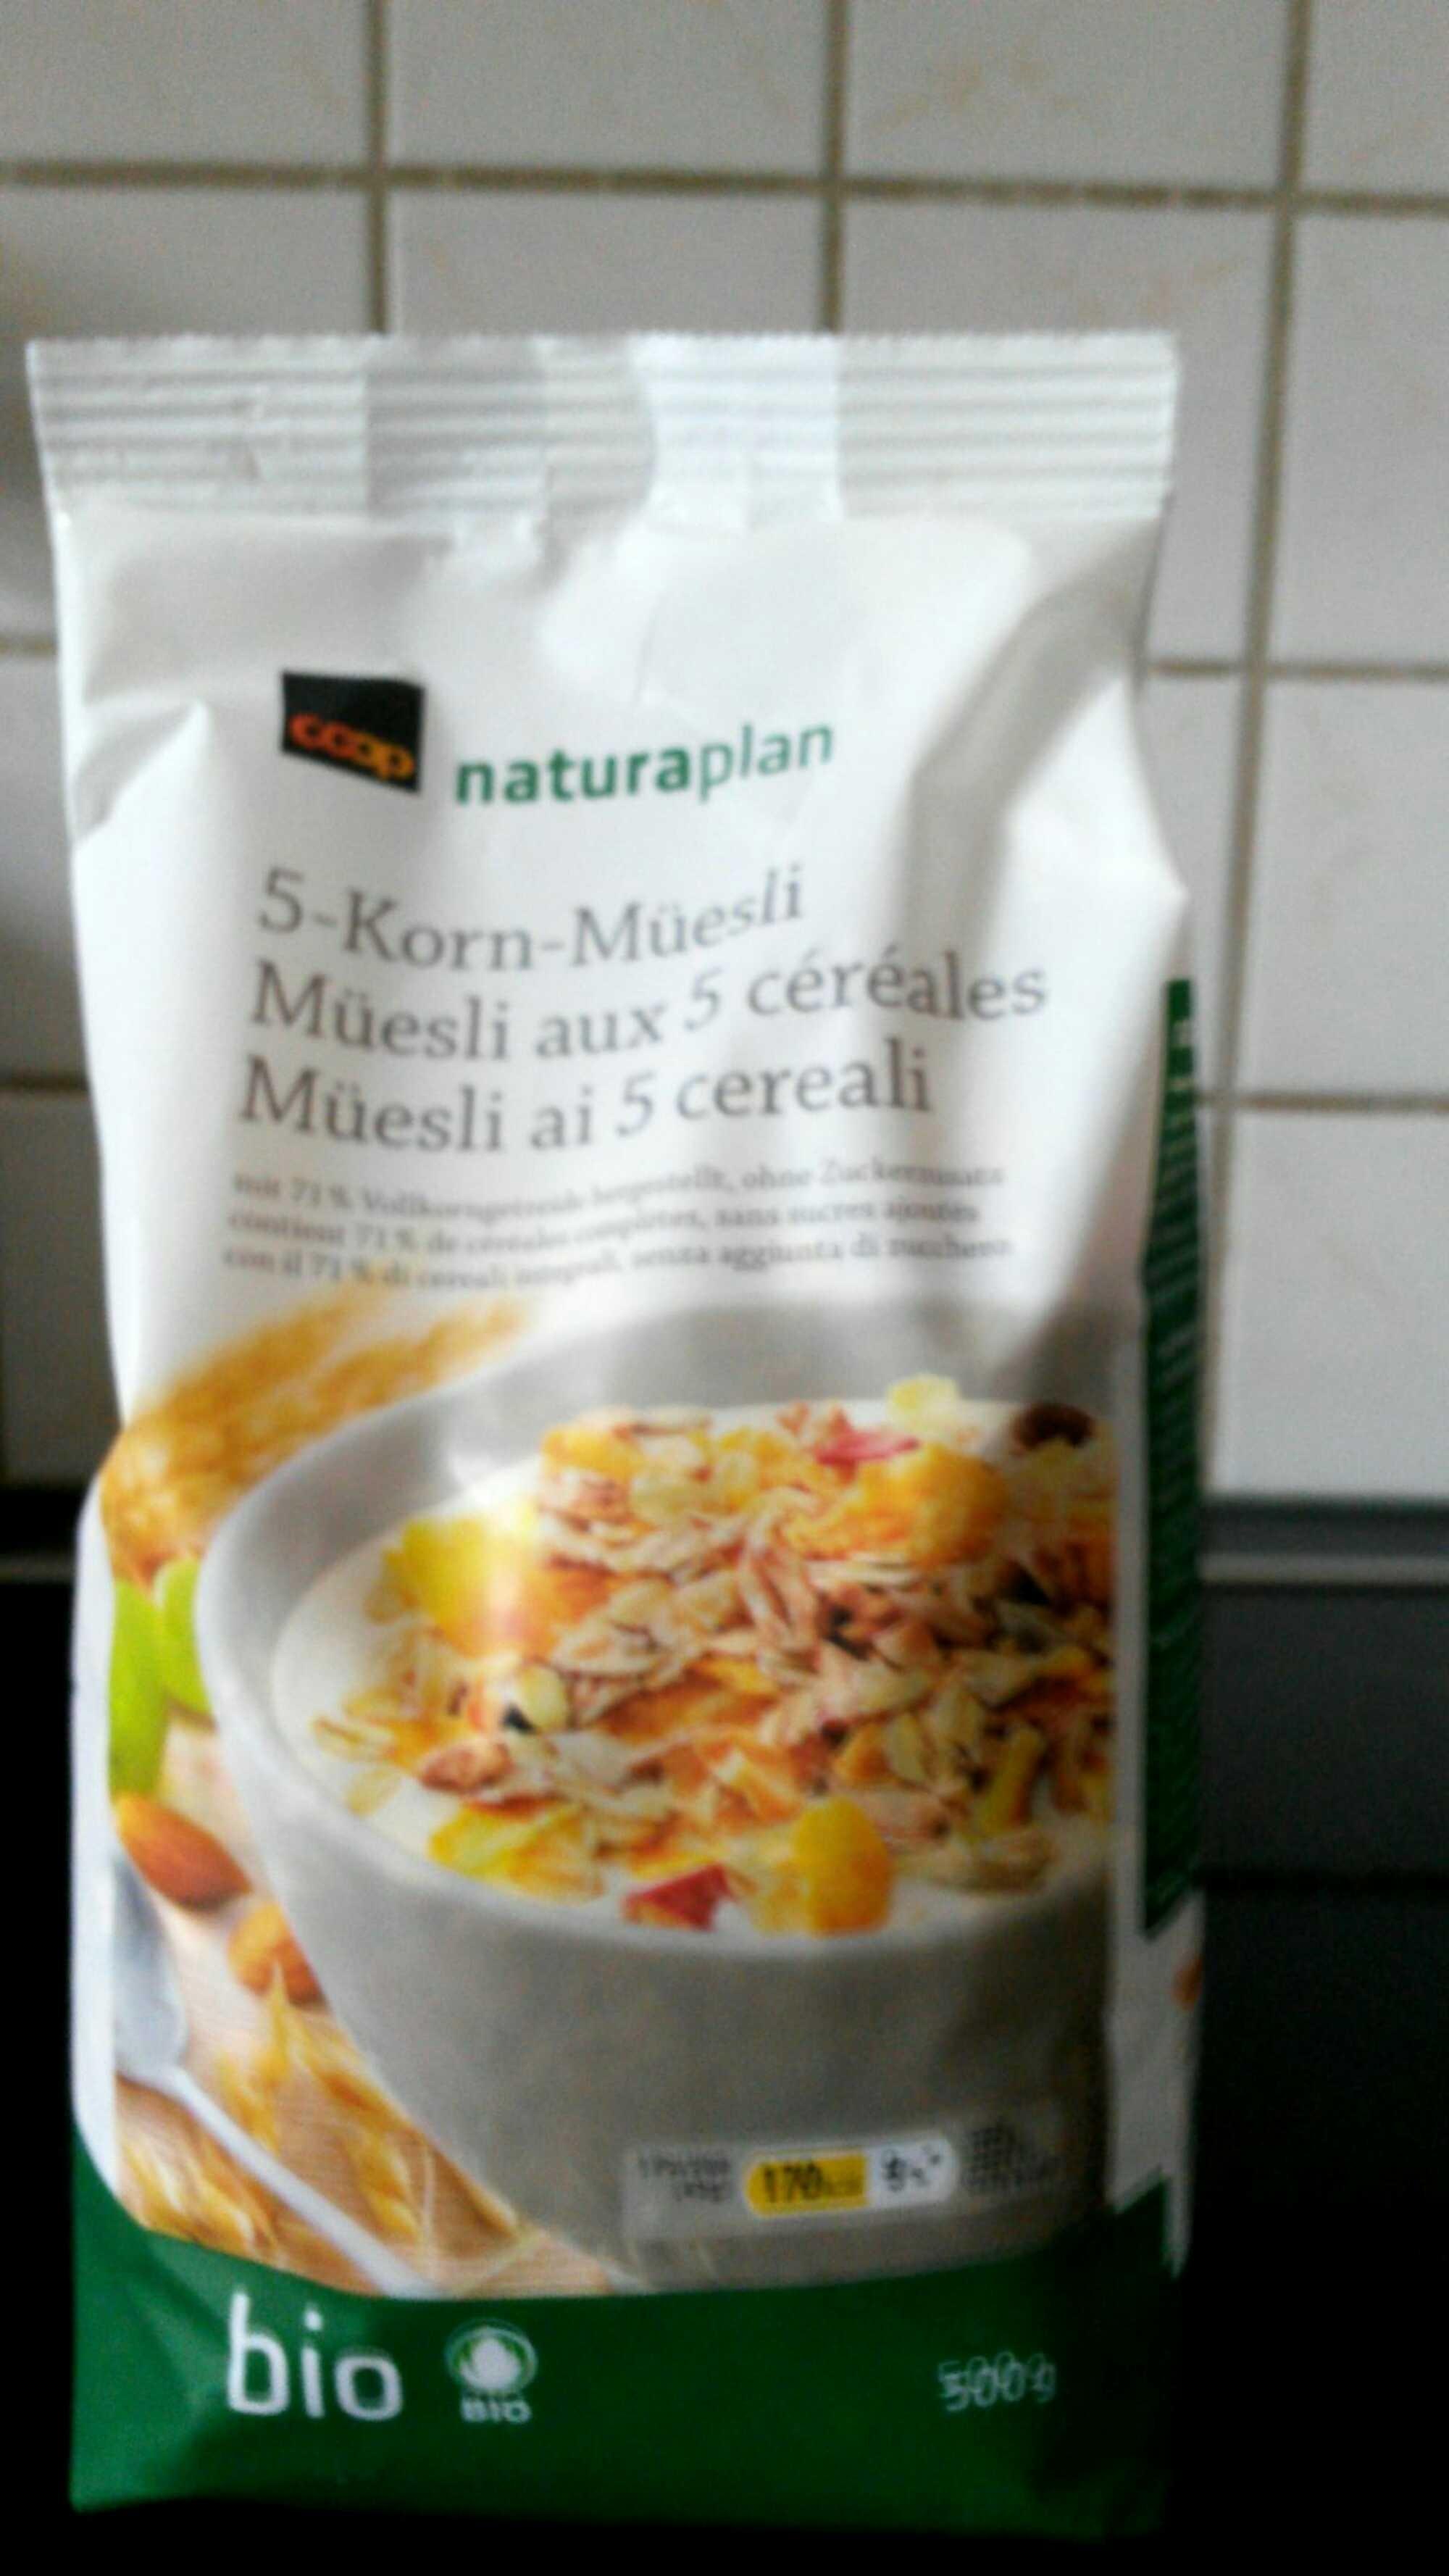 Müesli aux 5 céréales - Product - fr